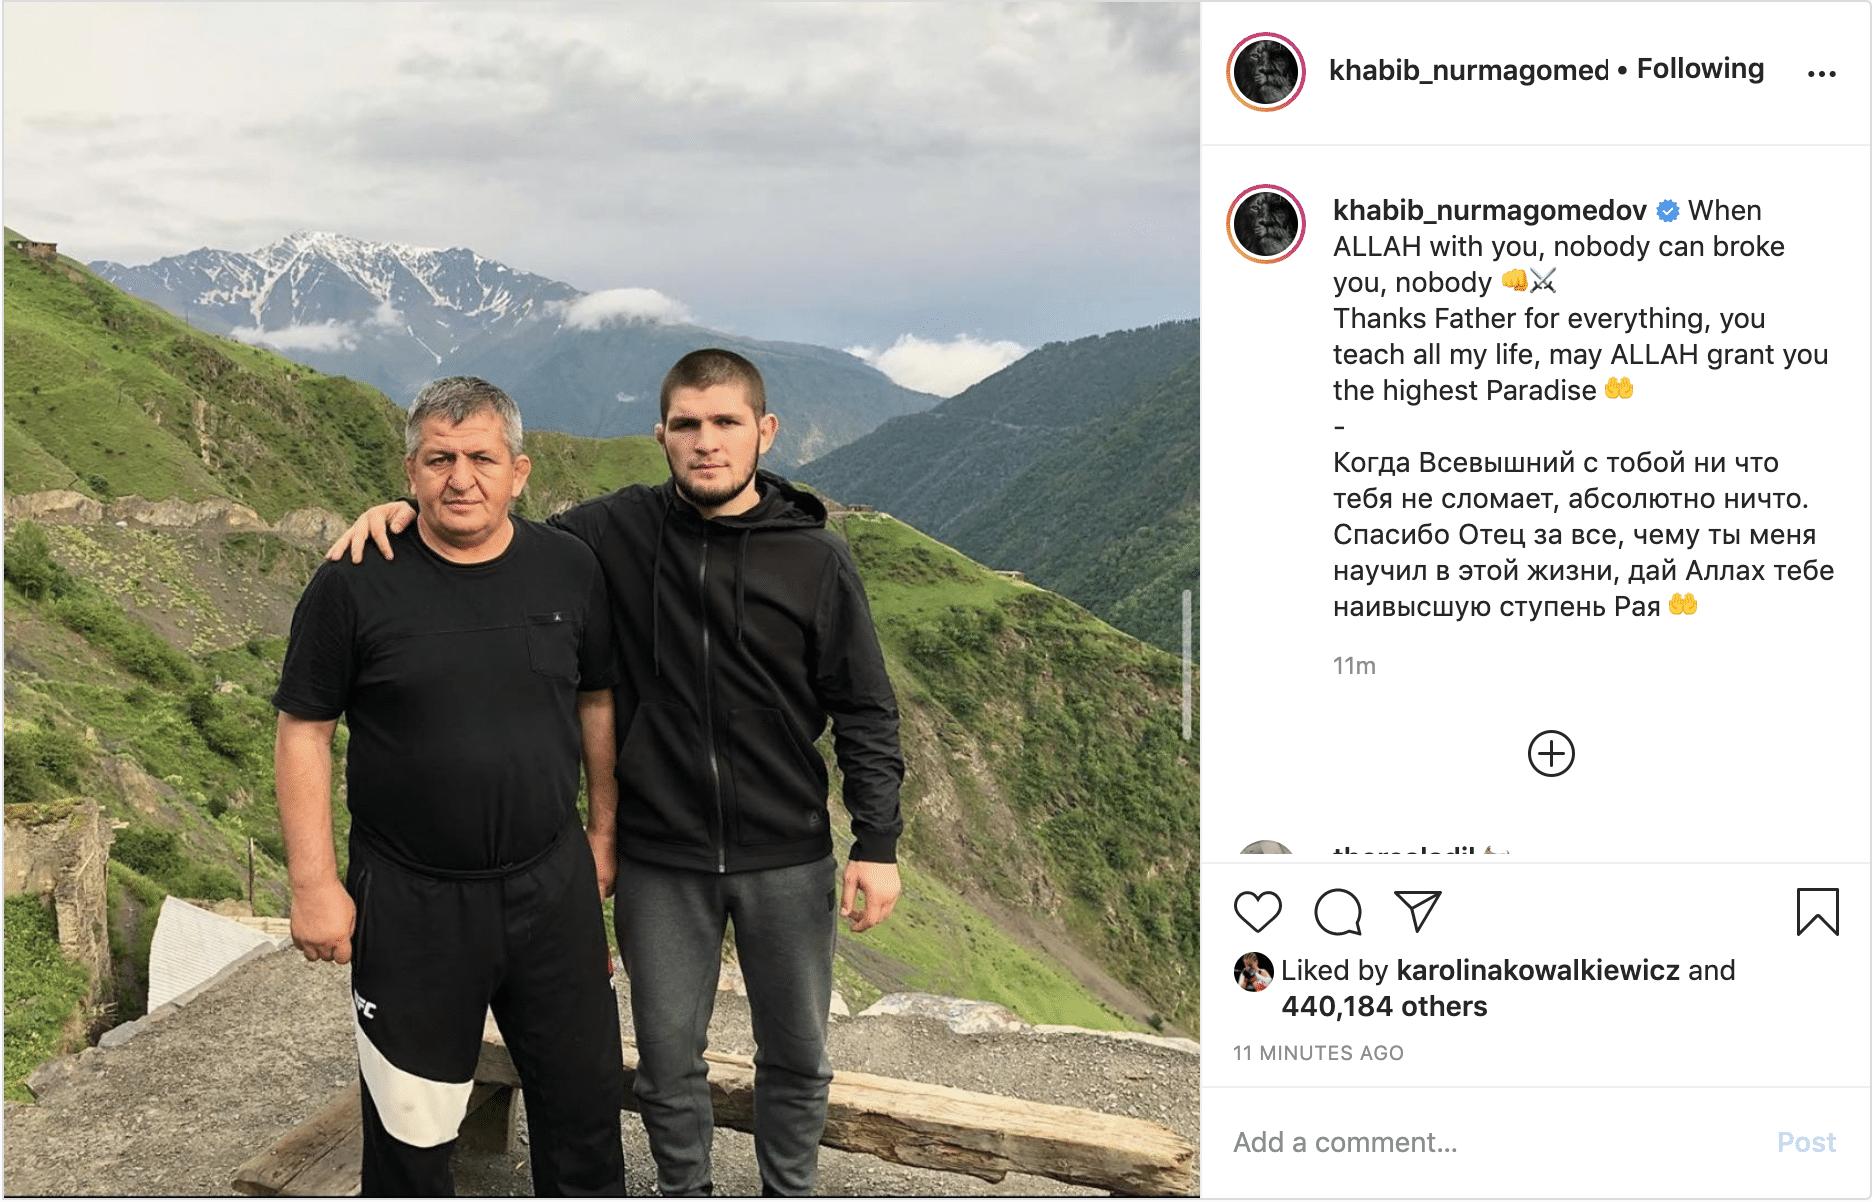 « Qu'Allah t'accorde le Paradis le plus élevé » - Khabib Nurmagomedov rend un hommage émouvant à son père